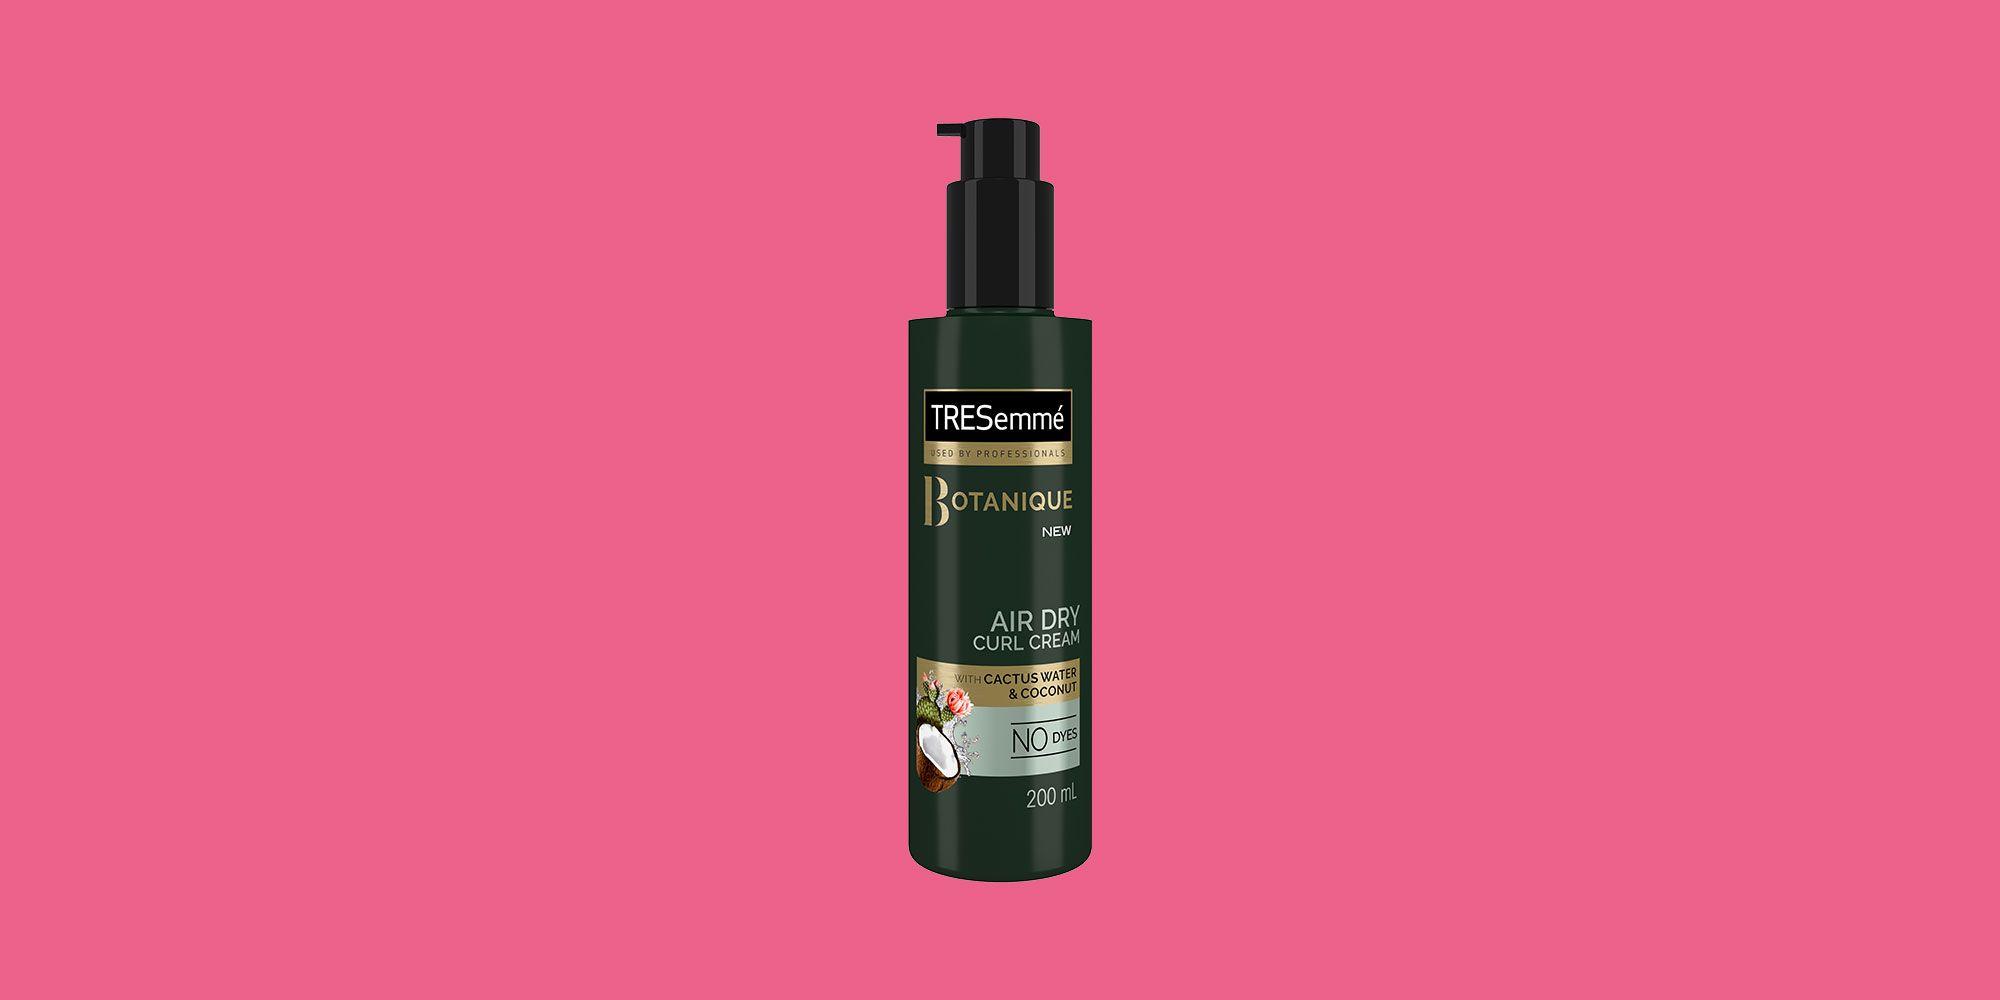 Tresemmé Botanique Air Dry Curl Cream